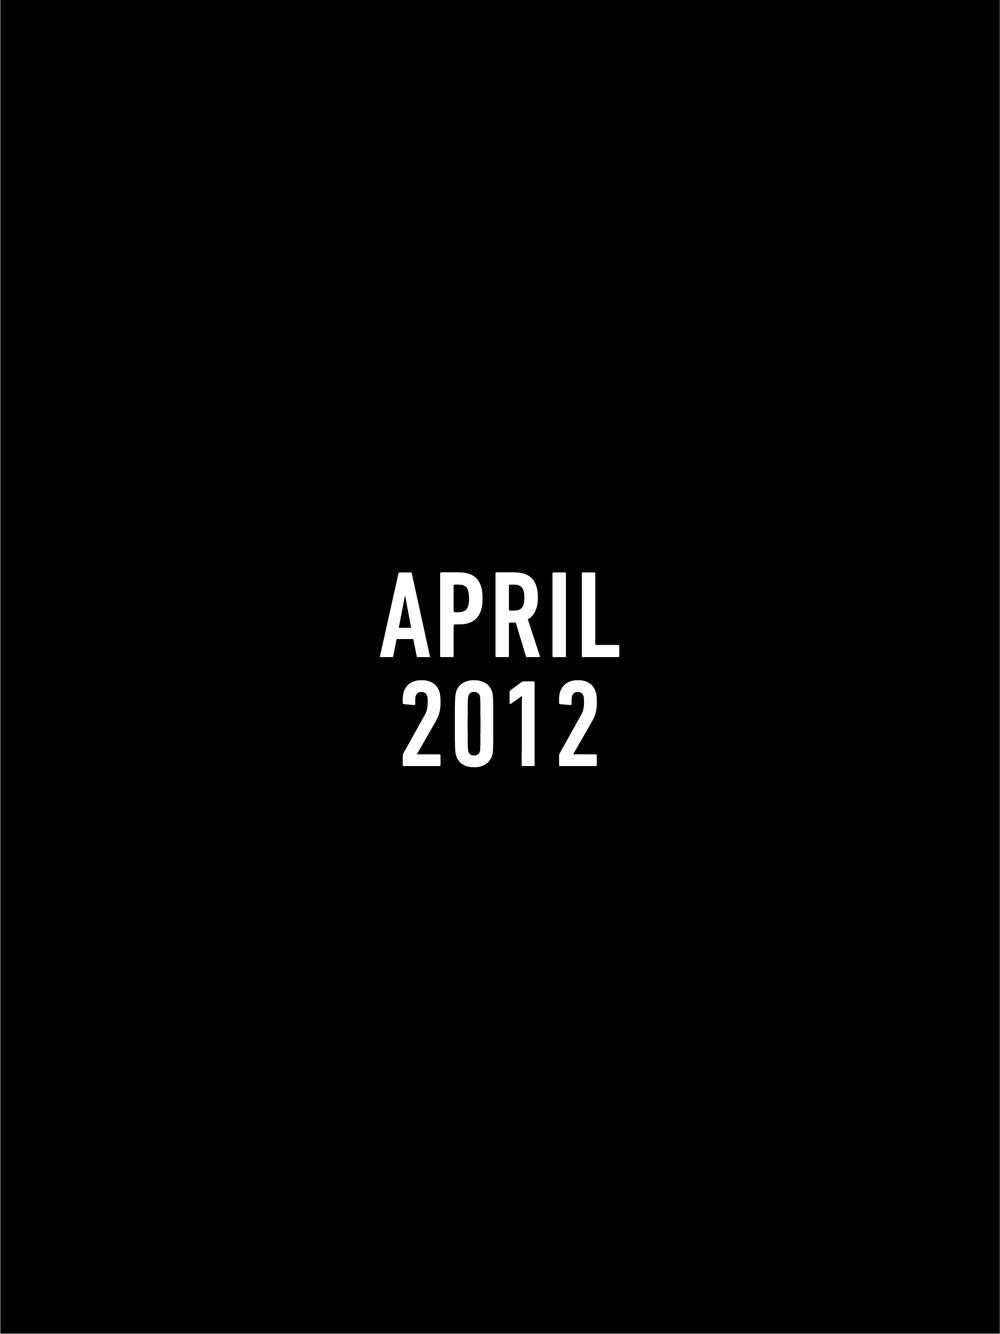 2012 months4.jpg